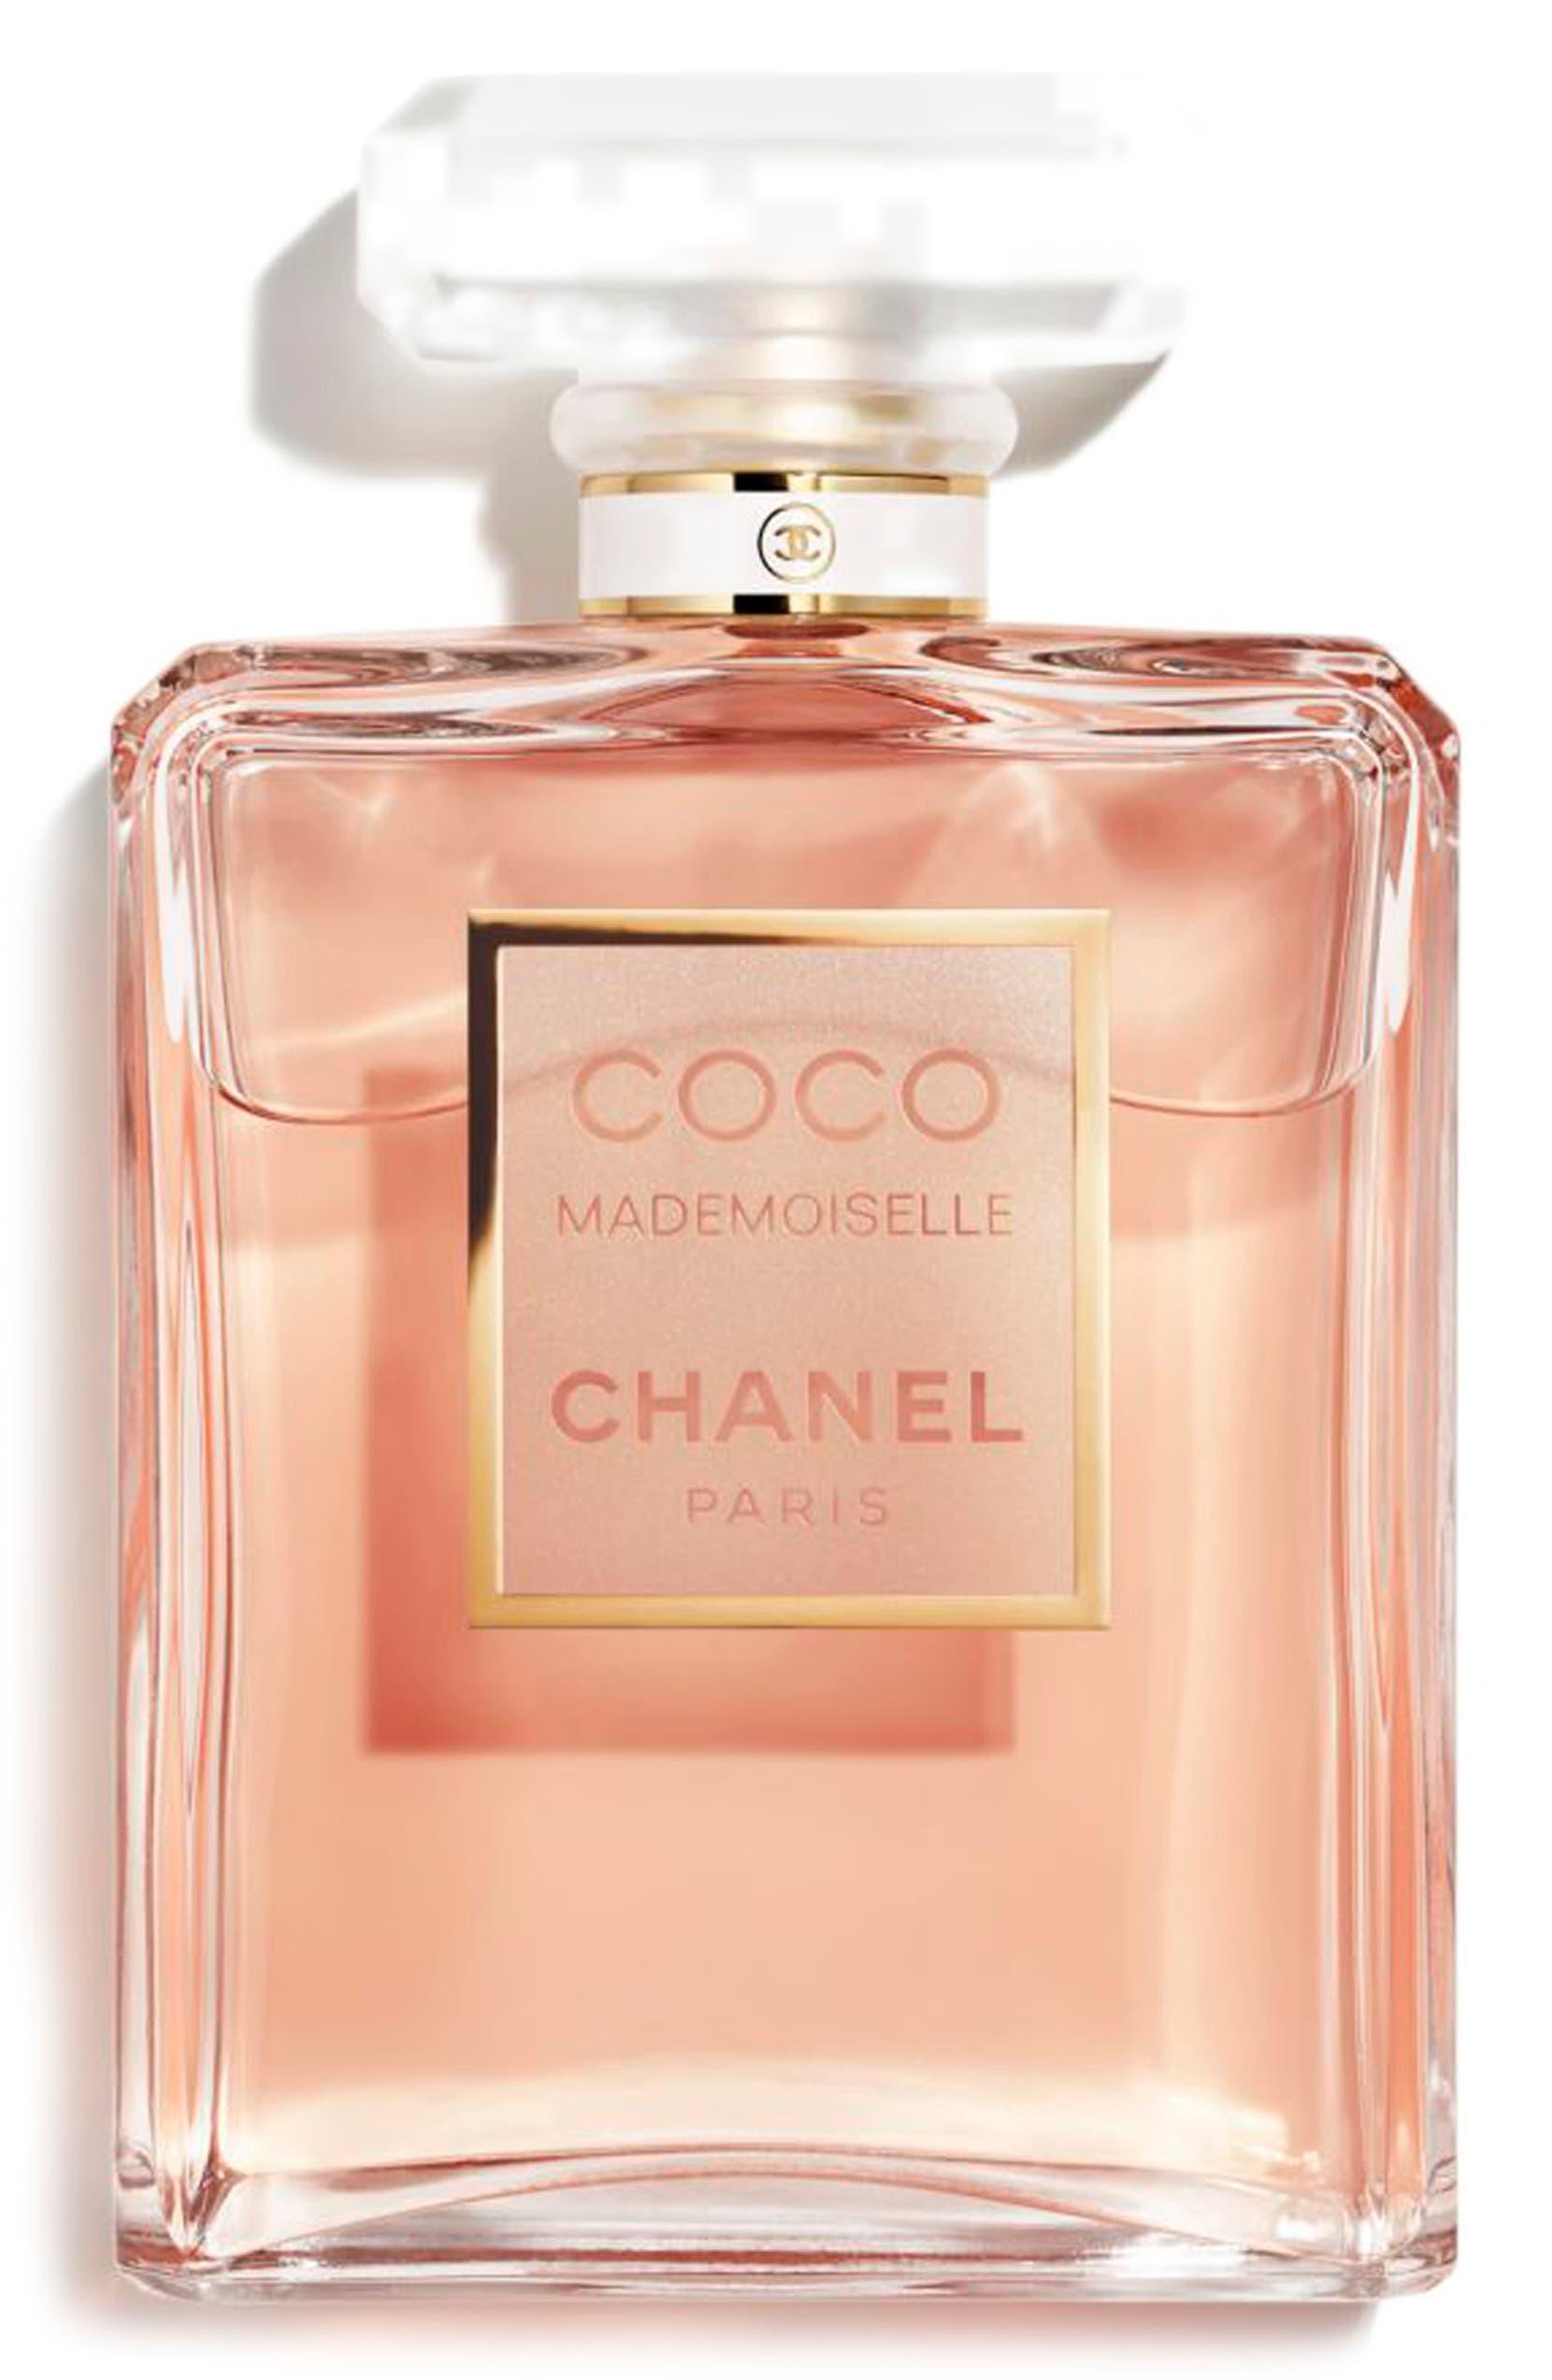 Chanel Coco Mademoiselle Eau De Parfum Spray Nordstrom